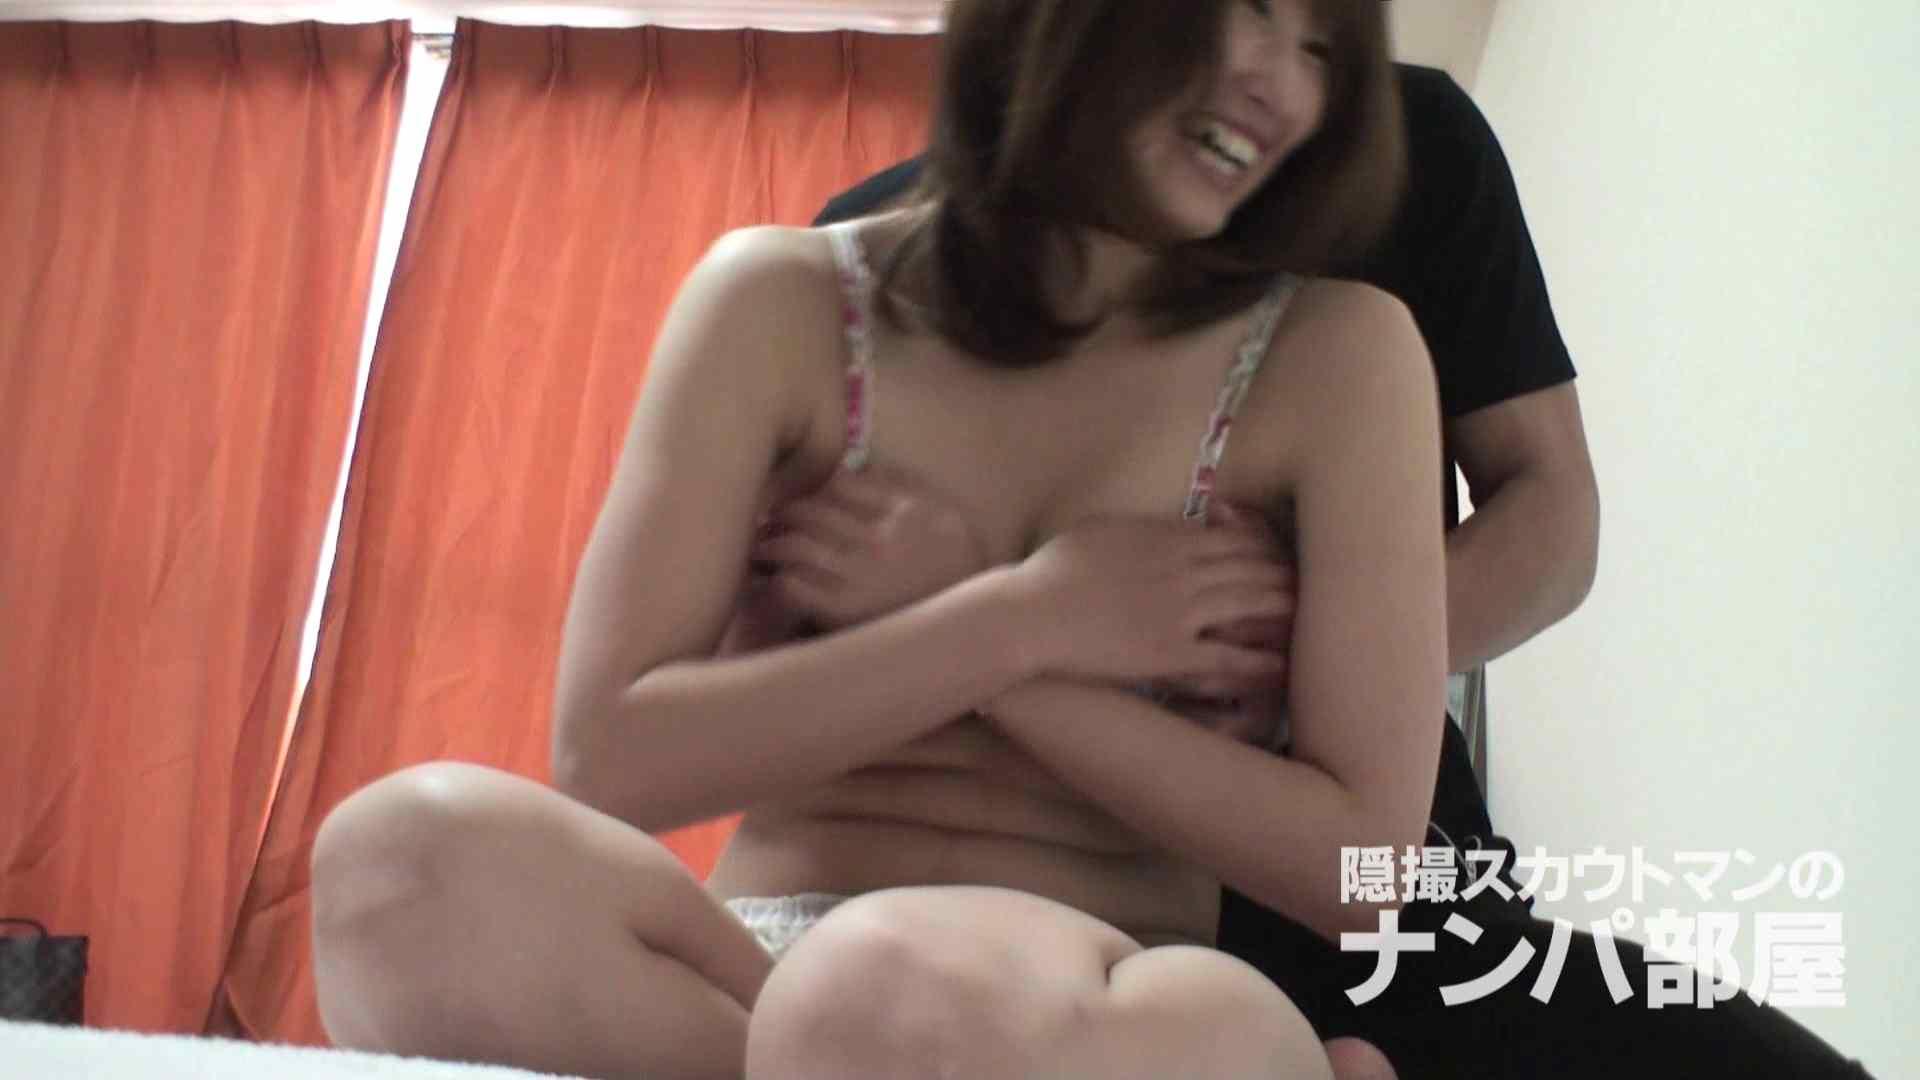 隠撮スカウトマンのナンパ部屋~風俗デビュー前のつまみ食い~ siivol.2 OL裸体 | ナンパ  58画像 42